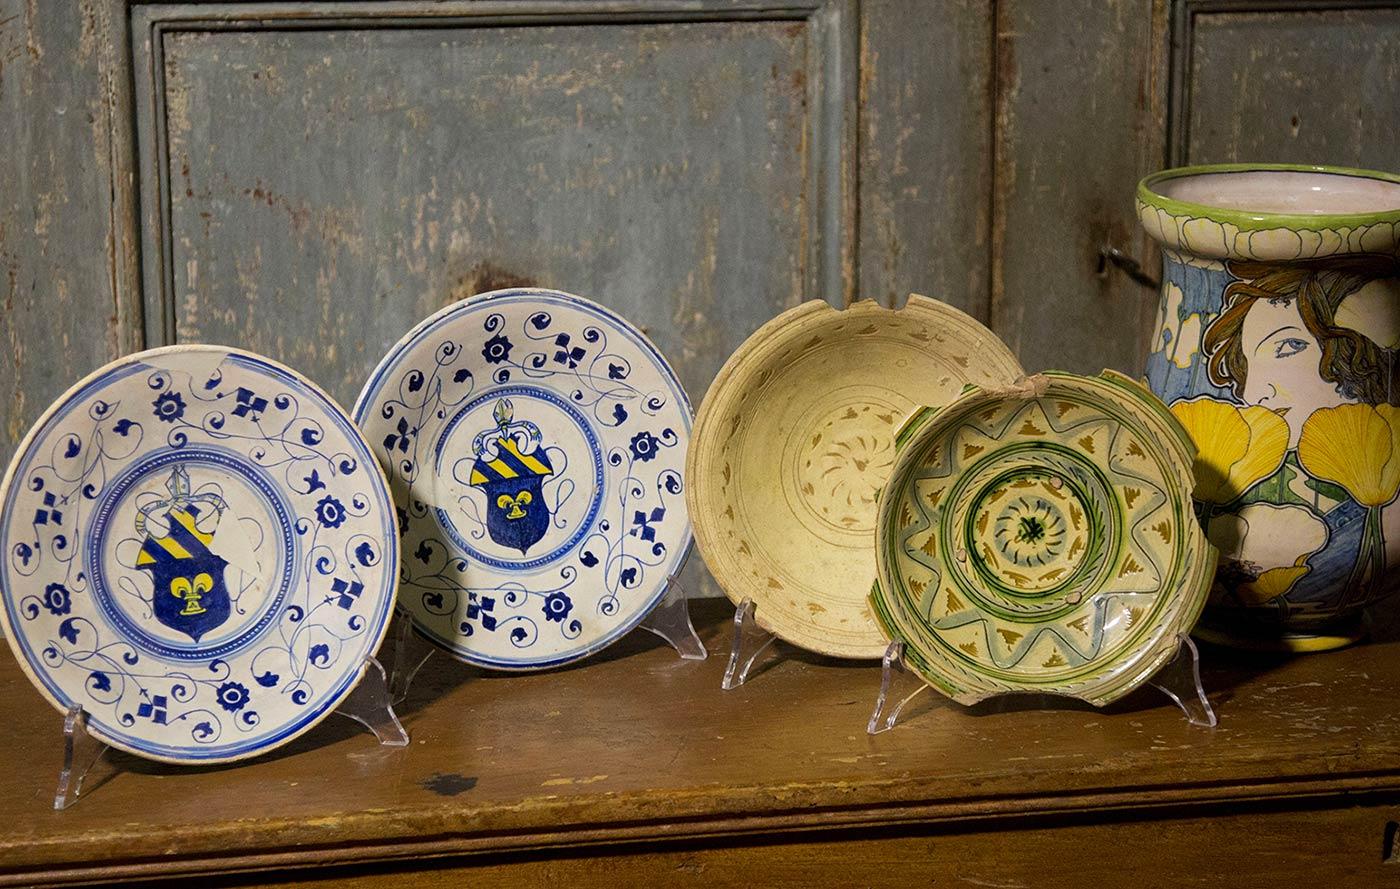 I mercati specializzati: ceramica vintage e mobile antico u003e sagre